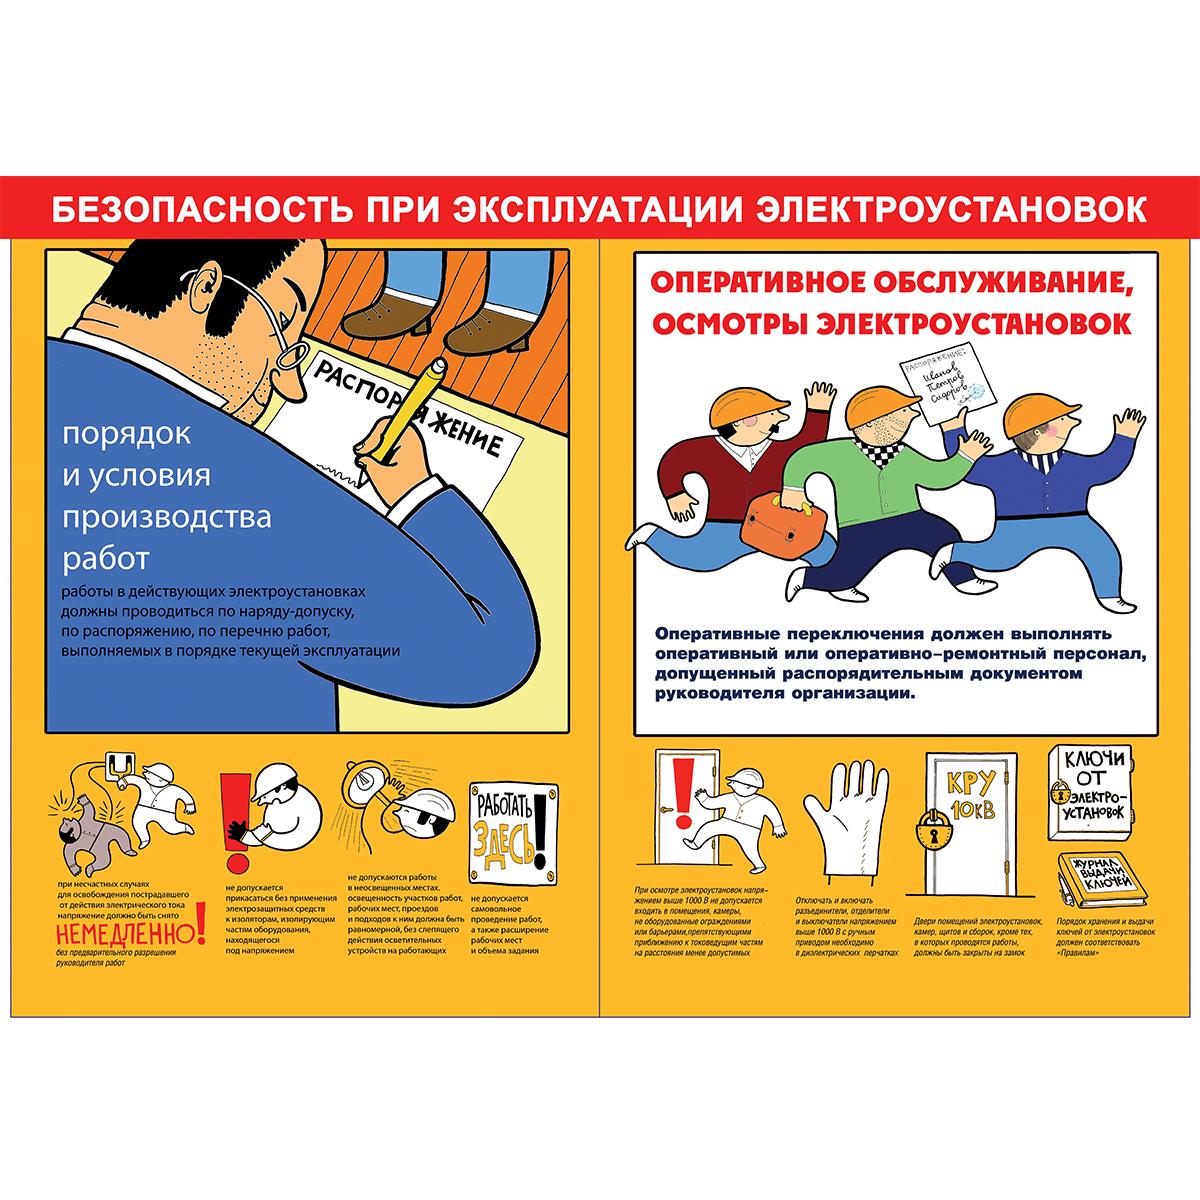 вариант безопасность при эксплуатации электроустановак ООО